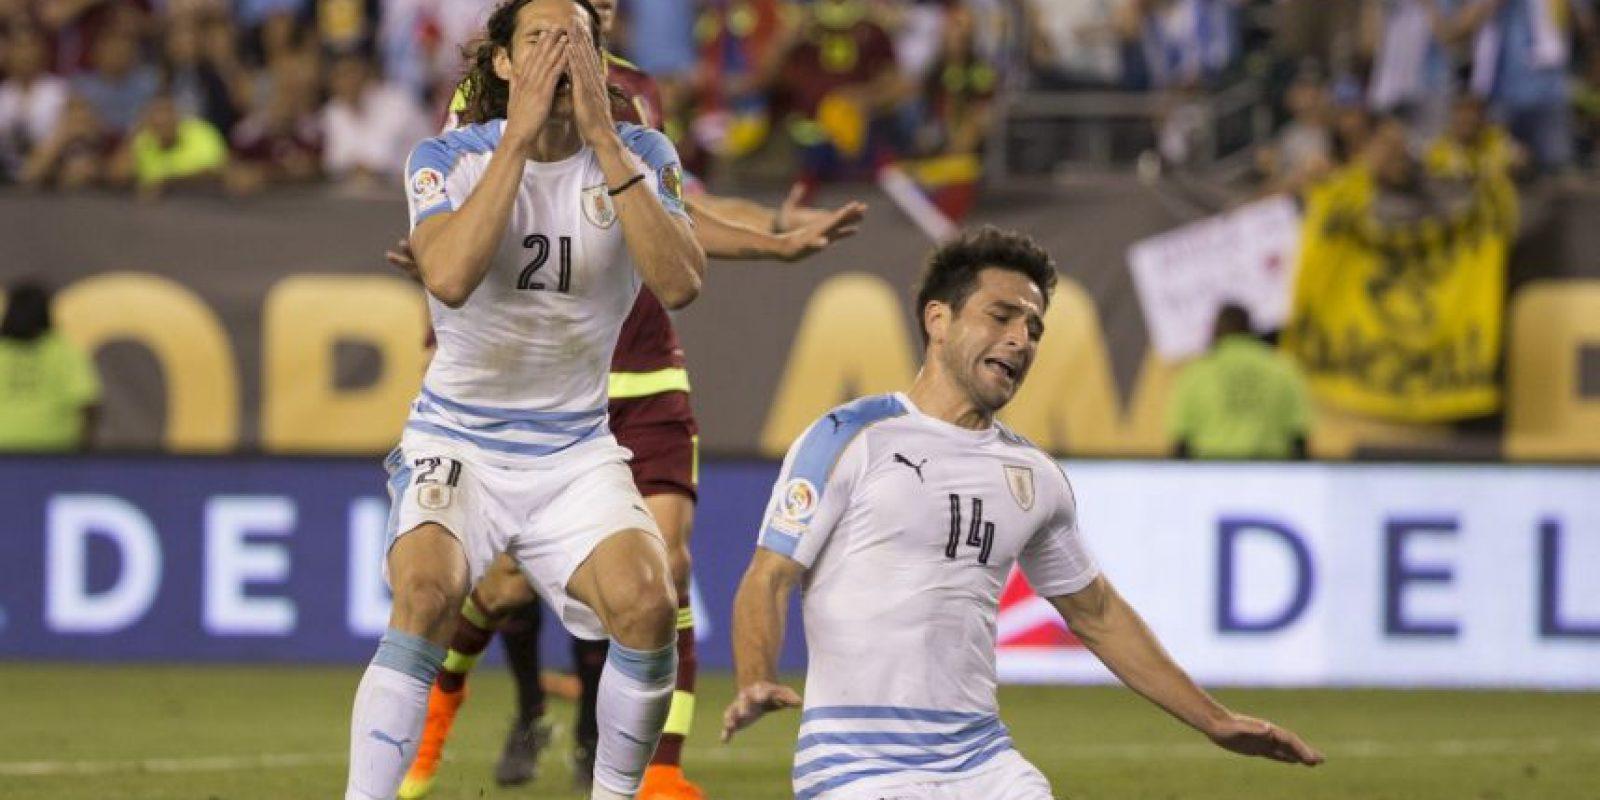 Los charrúas cayeron con Venezuela en la segunda fecha y quedaron sin opciones de avanzar a cuartos de final. En la primera fecha tampoco les fue mejor y perdieron ante México por 3 a 1 Foto:Getty Images